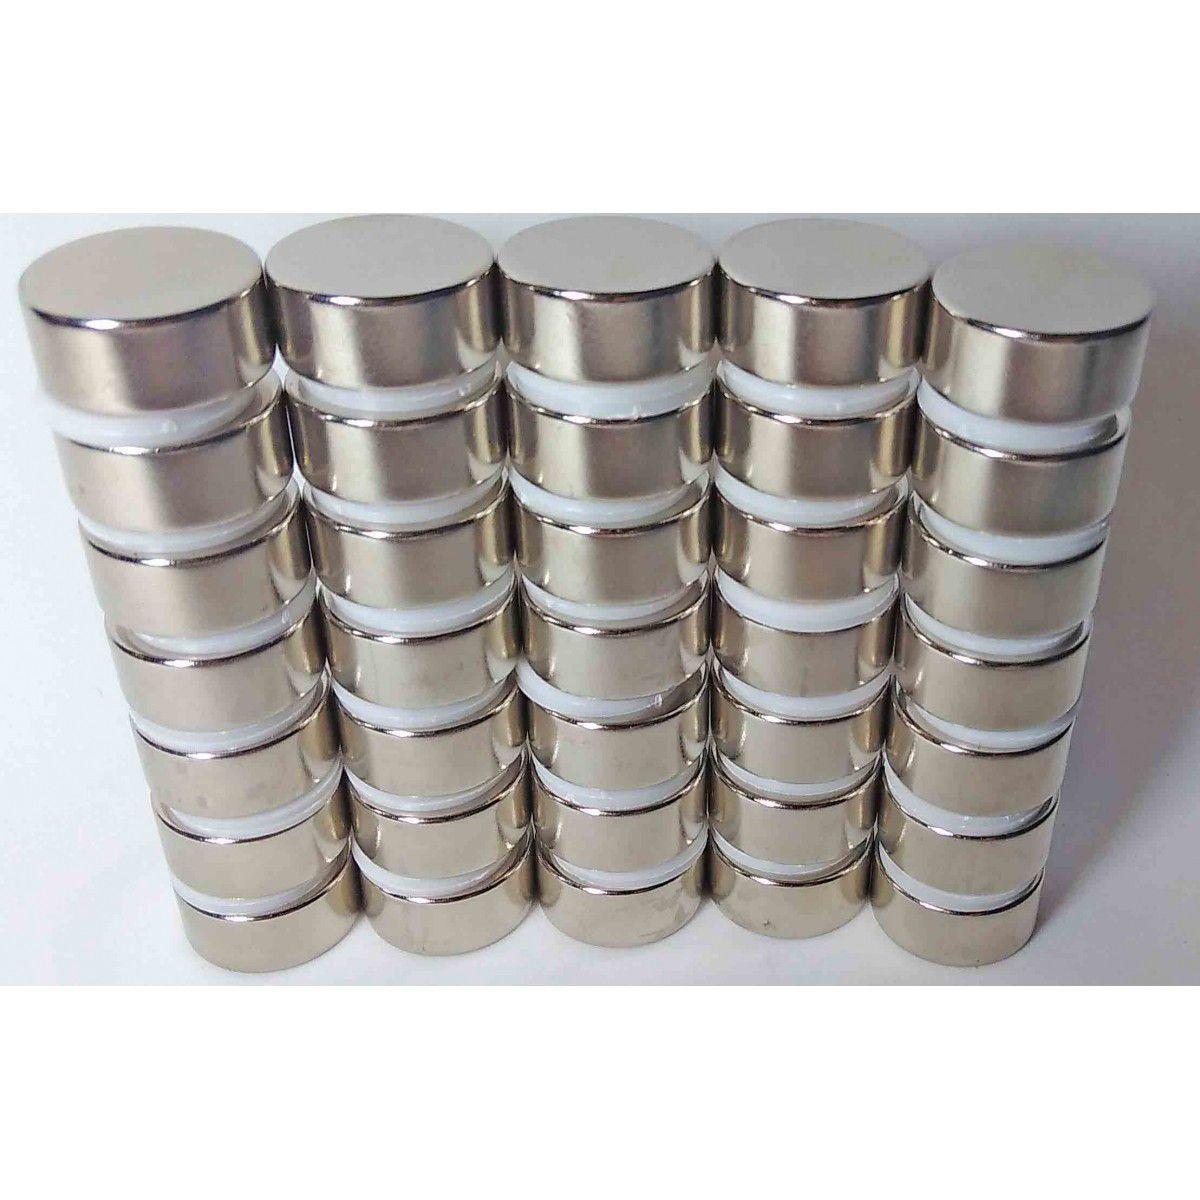 d0308728efe Imãs De Neodímio N45 - 22mm X 10mm - 4 Peças   Super Forte - Fácil negócio  importação R  129